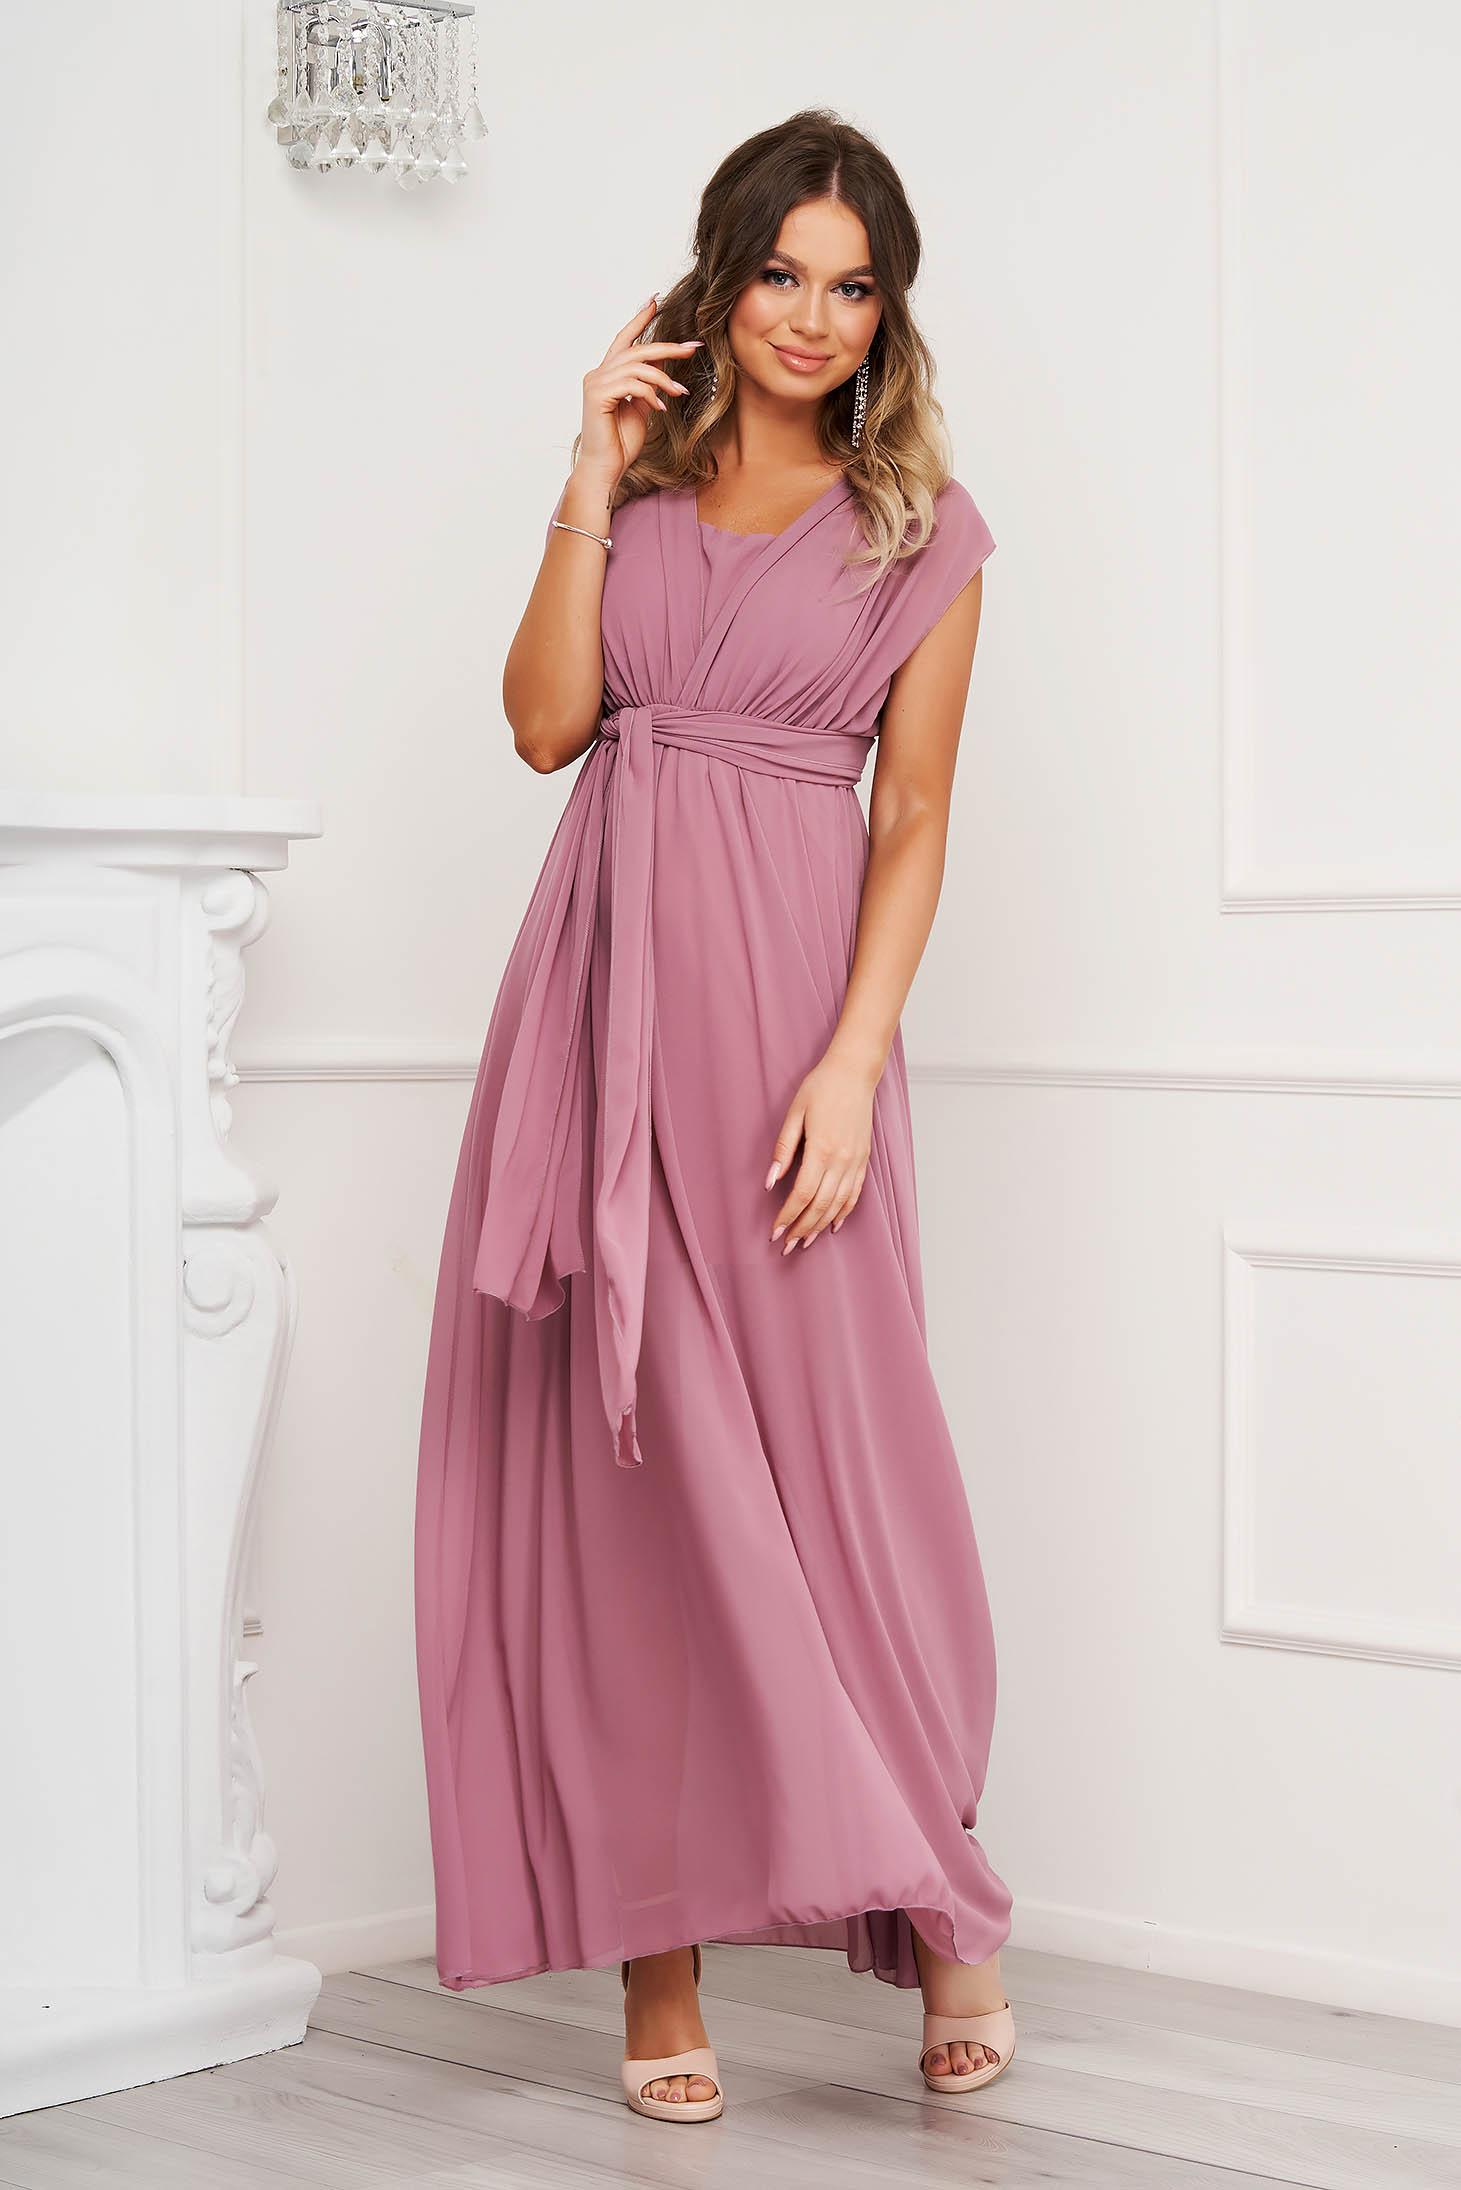 Púder rózsaszínű alkalmi muszlin ruha harang alakú gumirozott derékrésszel